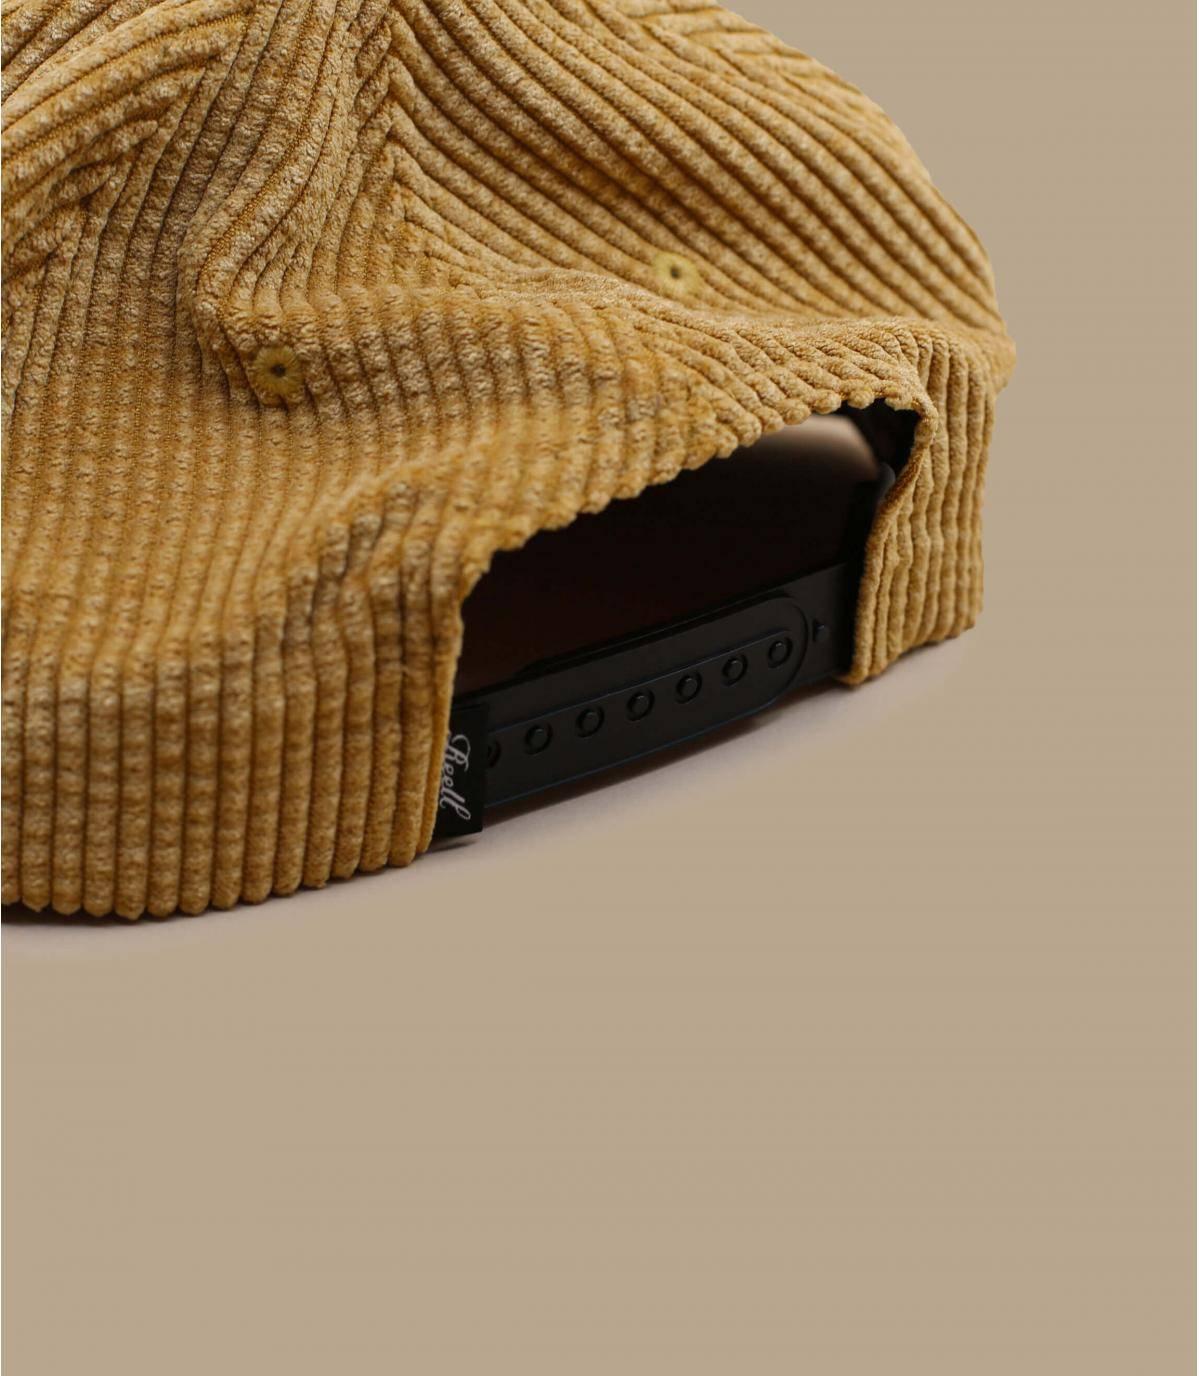 Détails Suede Cap Cord beige - image 4